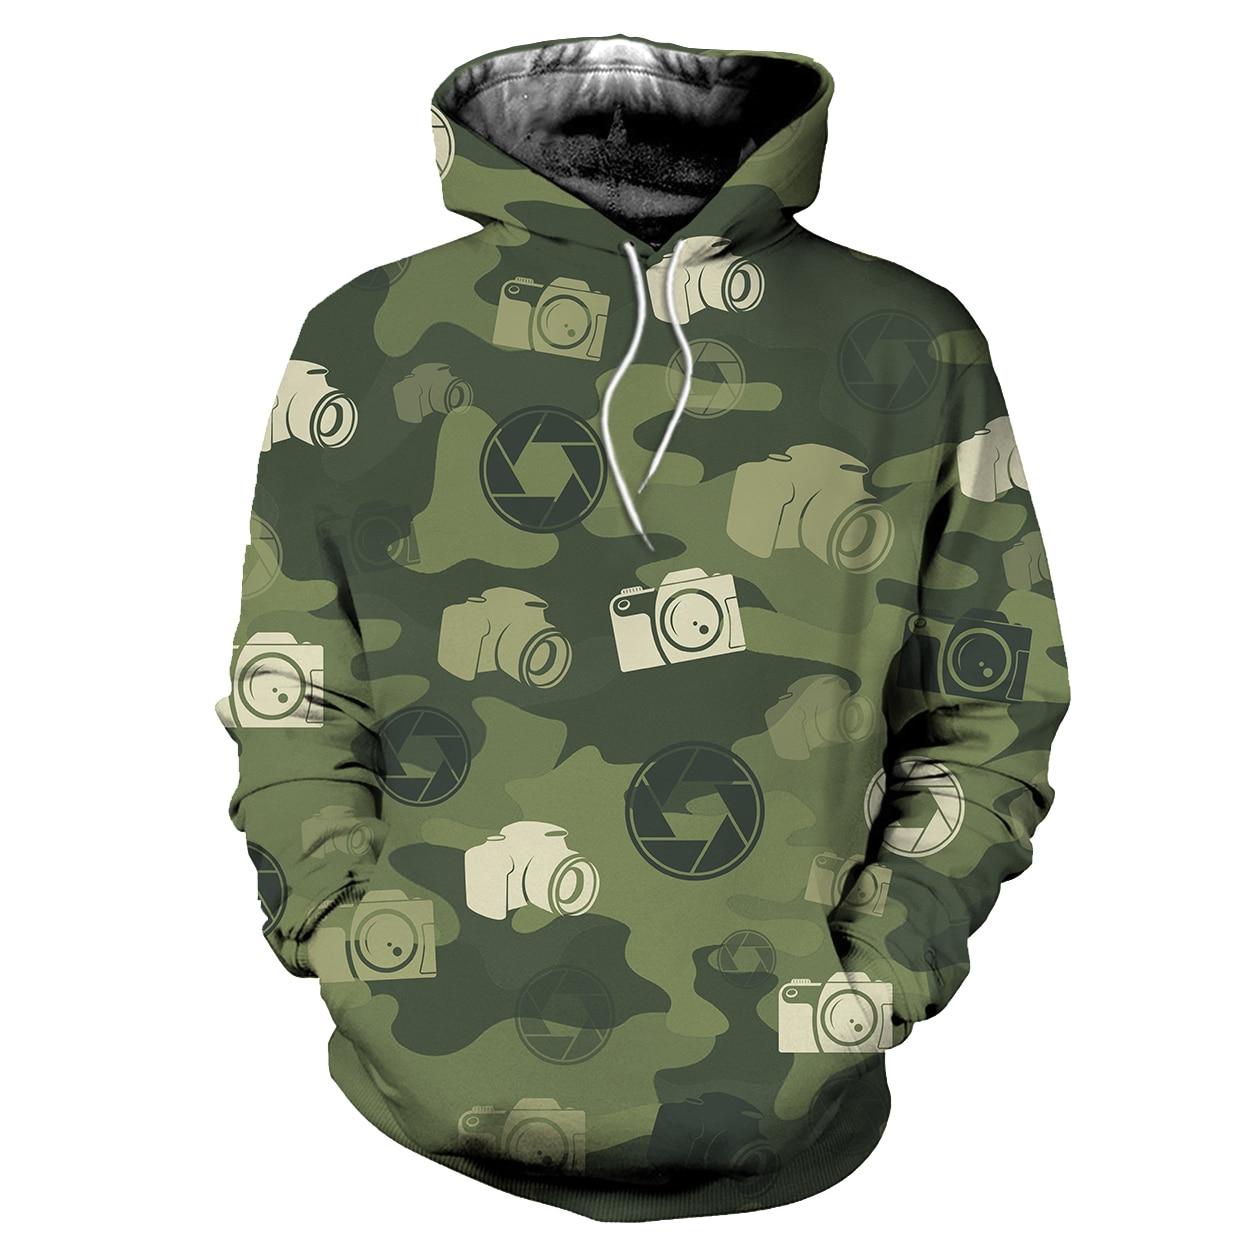 Fashion Harajuku Style 3D Hoodie  Camouflage Camera Hoodies  Unisex  Hoodie &Zip Hoodie